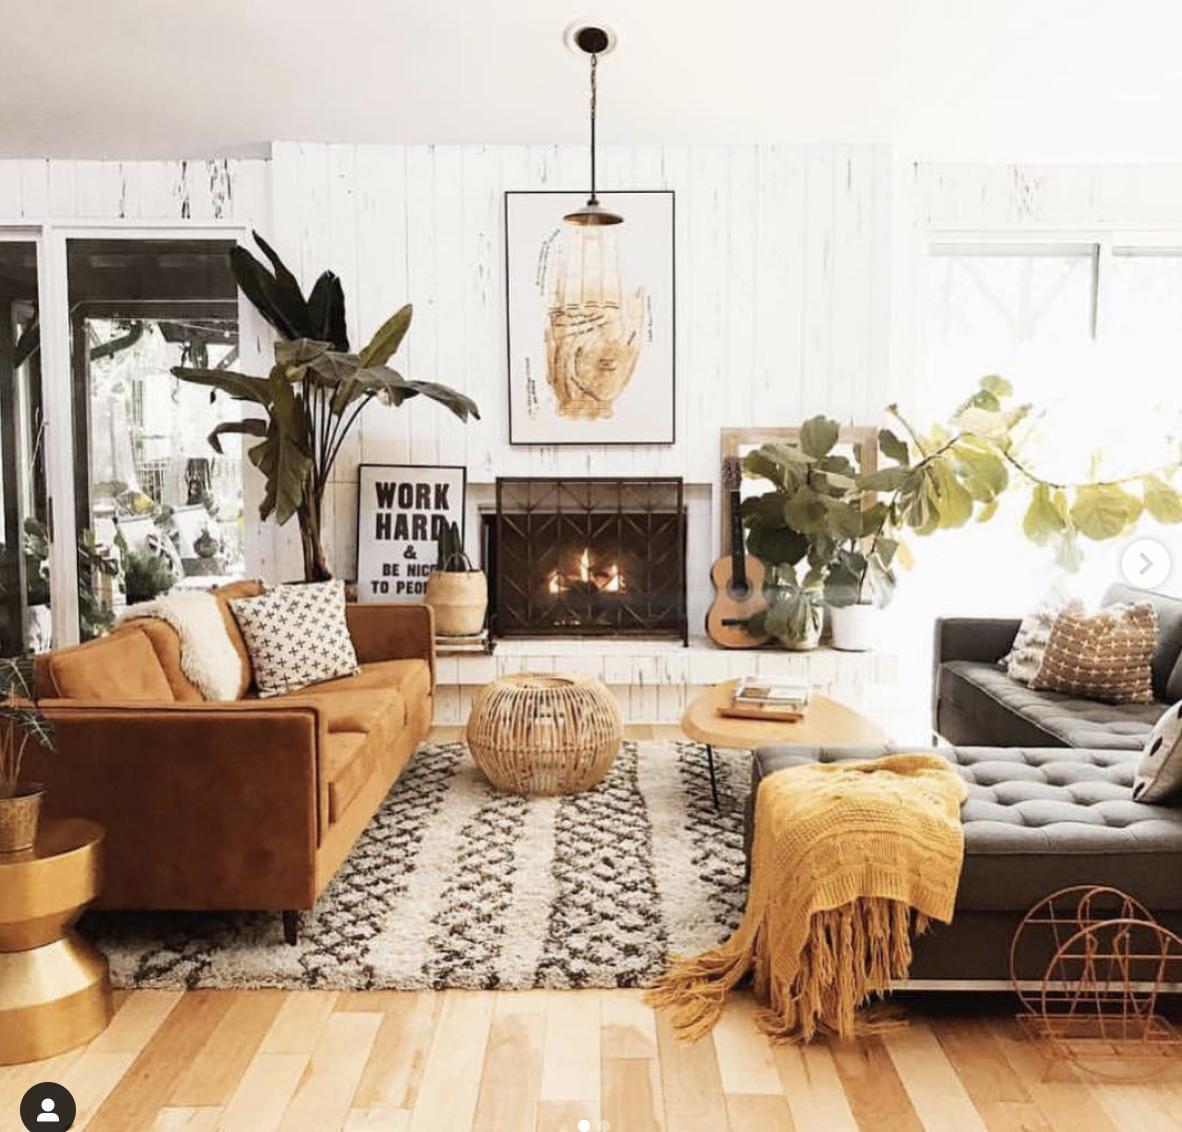 Sala de estar em estilo baho. tecidos cashmeres espalhados pela sala,  plantas, almofadas adamascadas e  souvenirs.